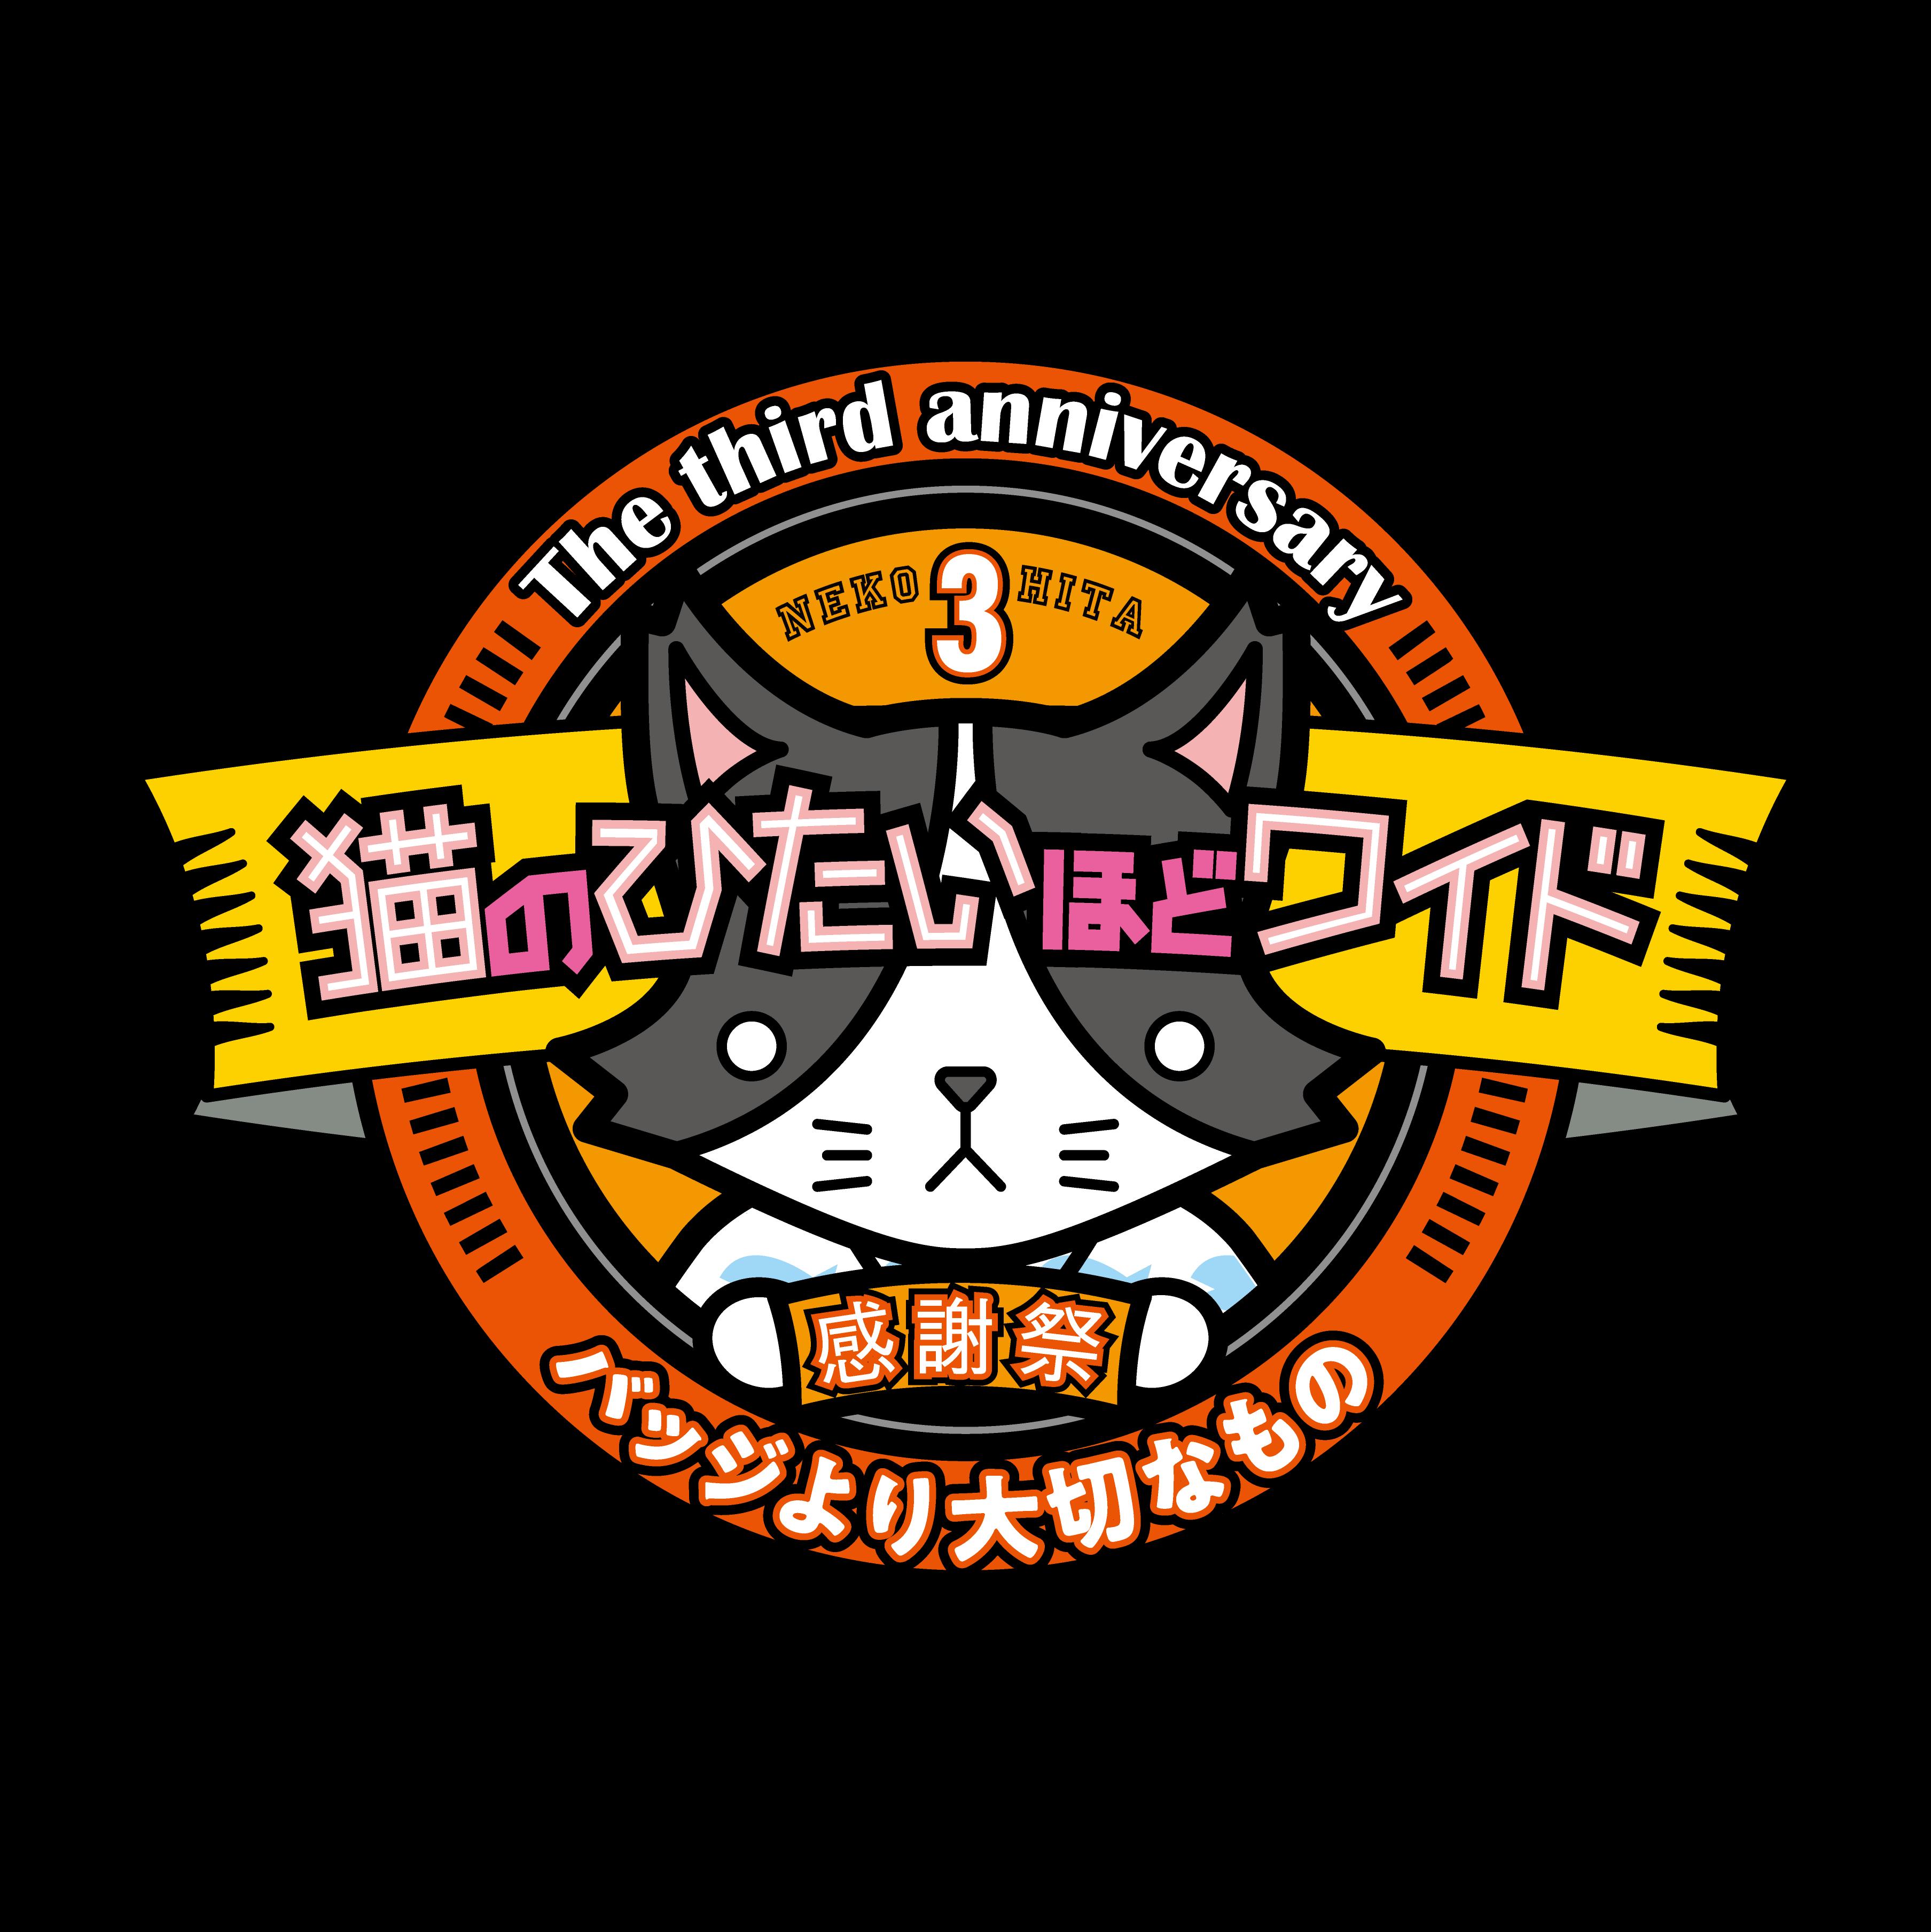 猫のひたいほどワイド 祝3周年感謝祭 〜バッジより大切なもの〜(土曜15時)